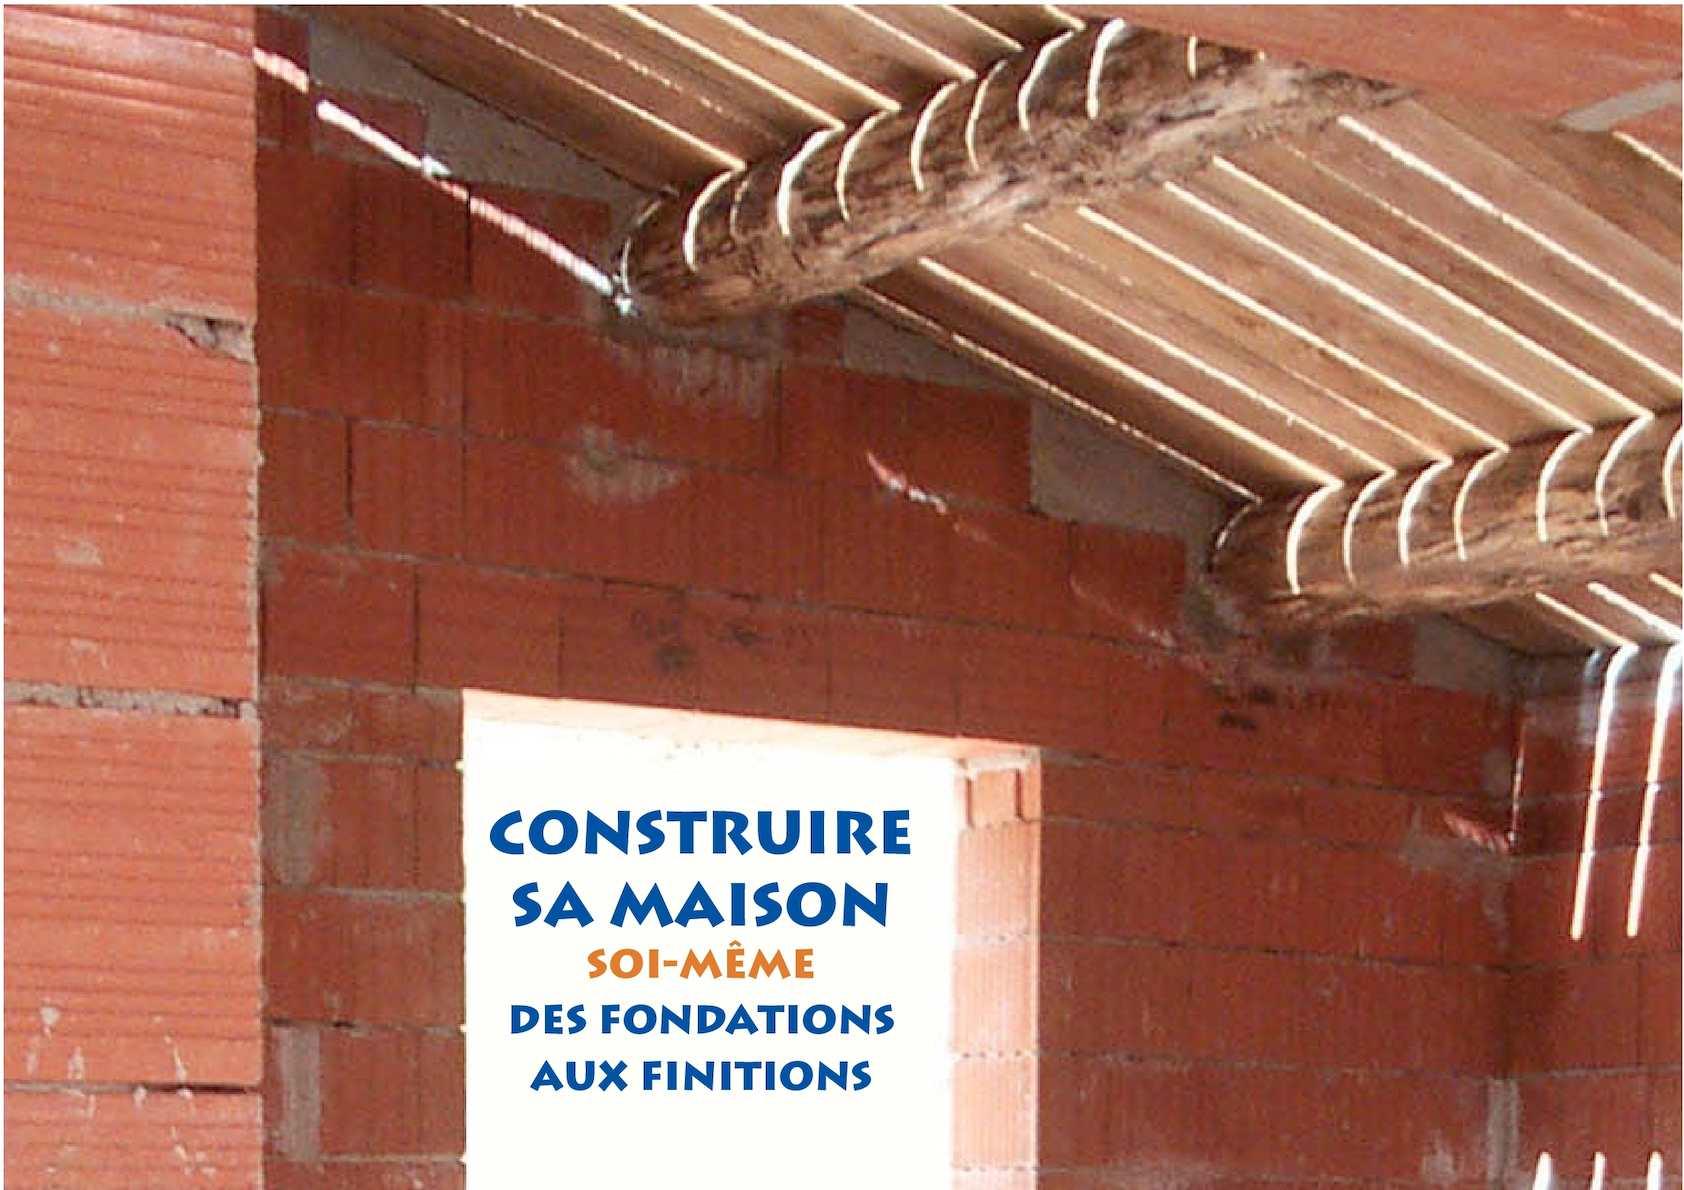 Renovation Electrique Soi Meme calaméo - construire sa maison soi même des fondations aux